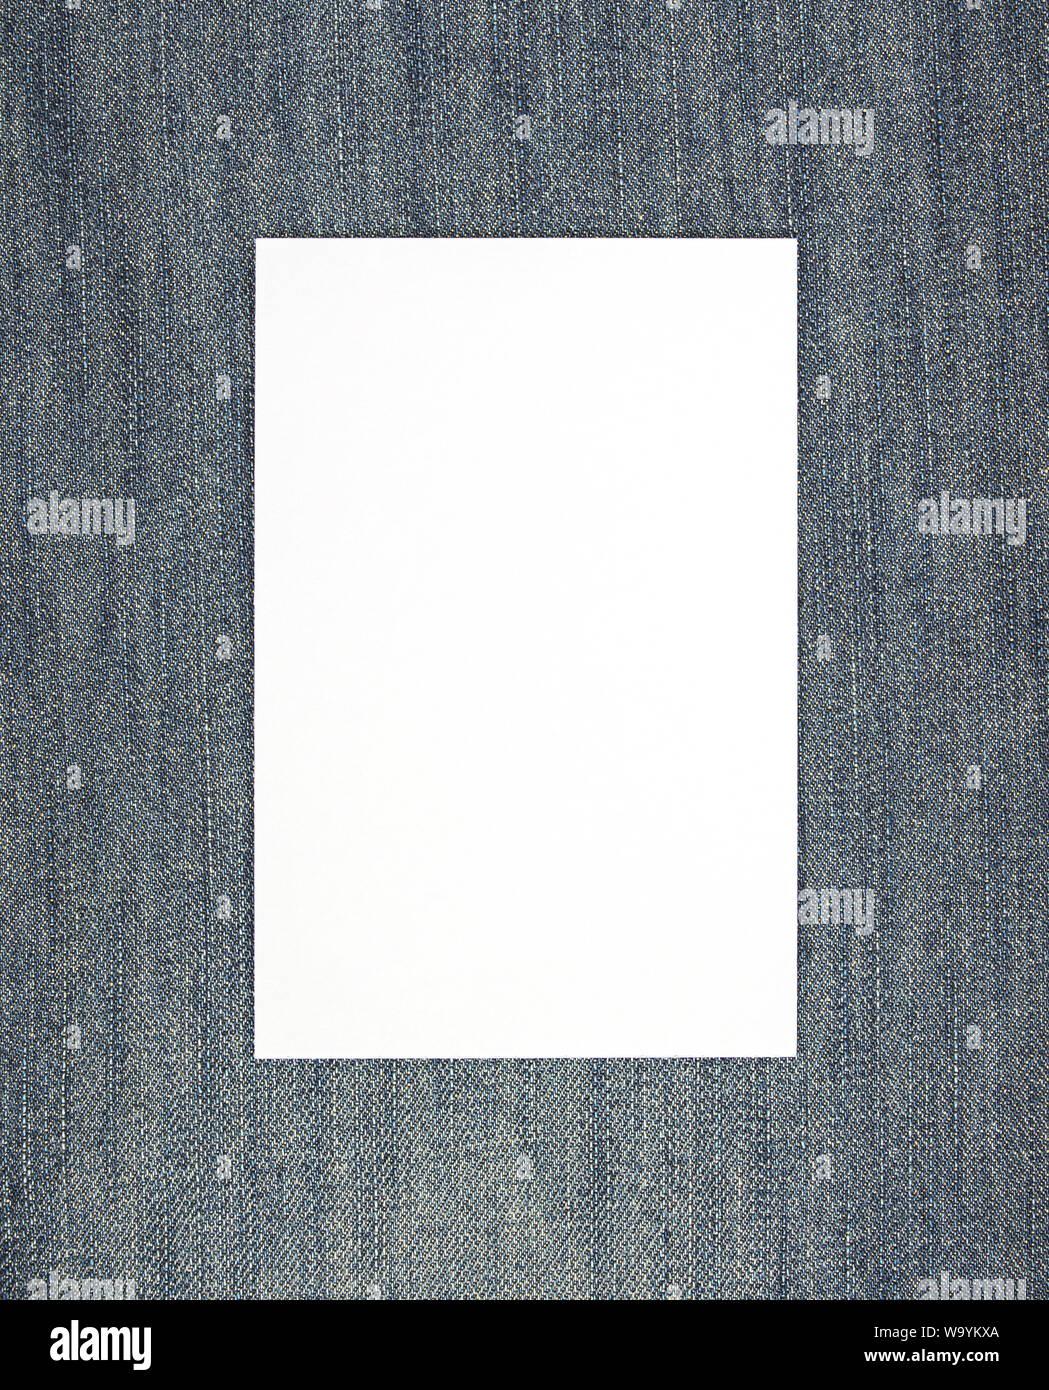 Leere weiße Karte auf Jeans Hintergrund Vorlage Stockfoto